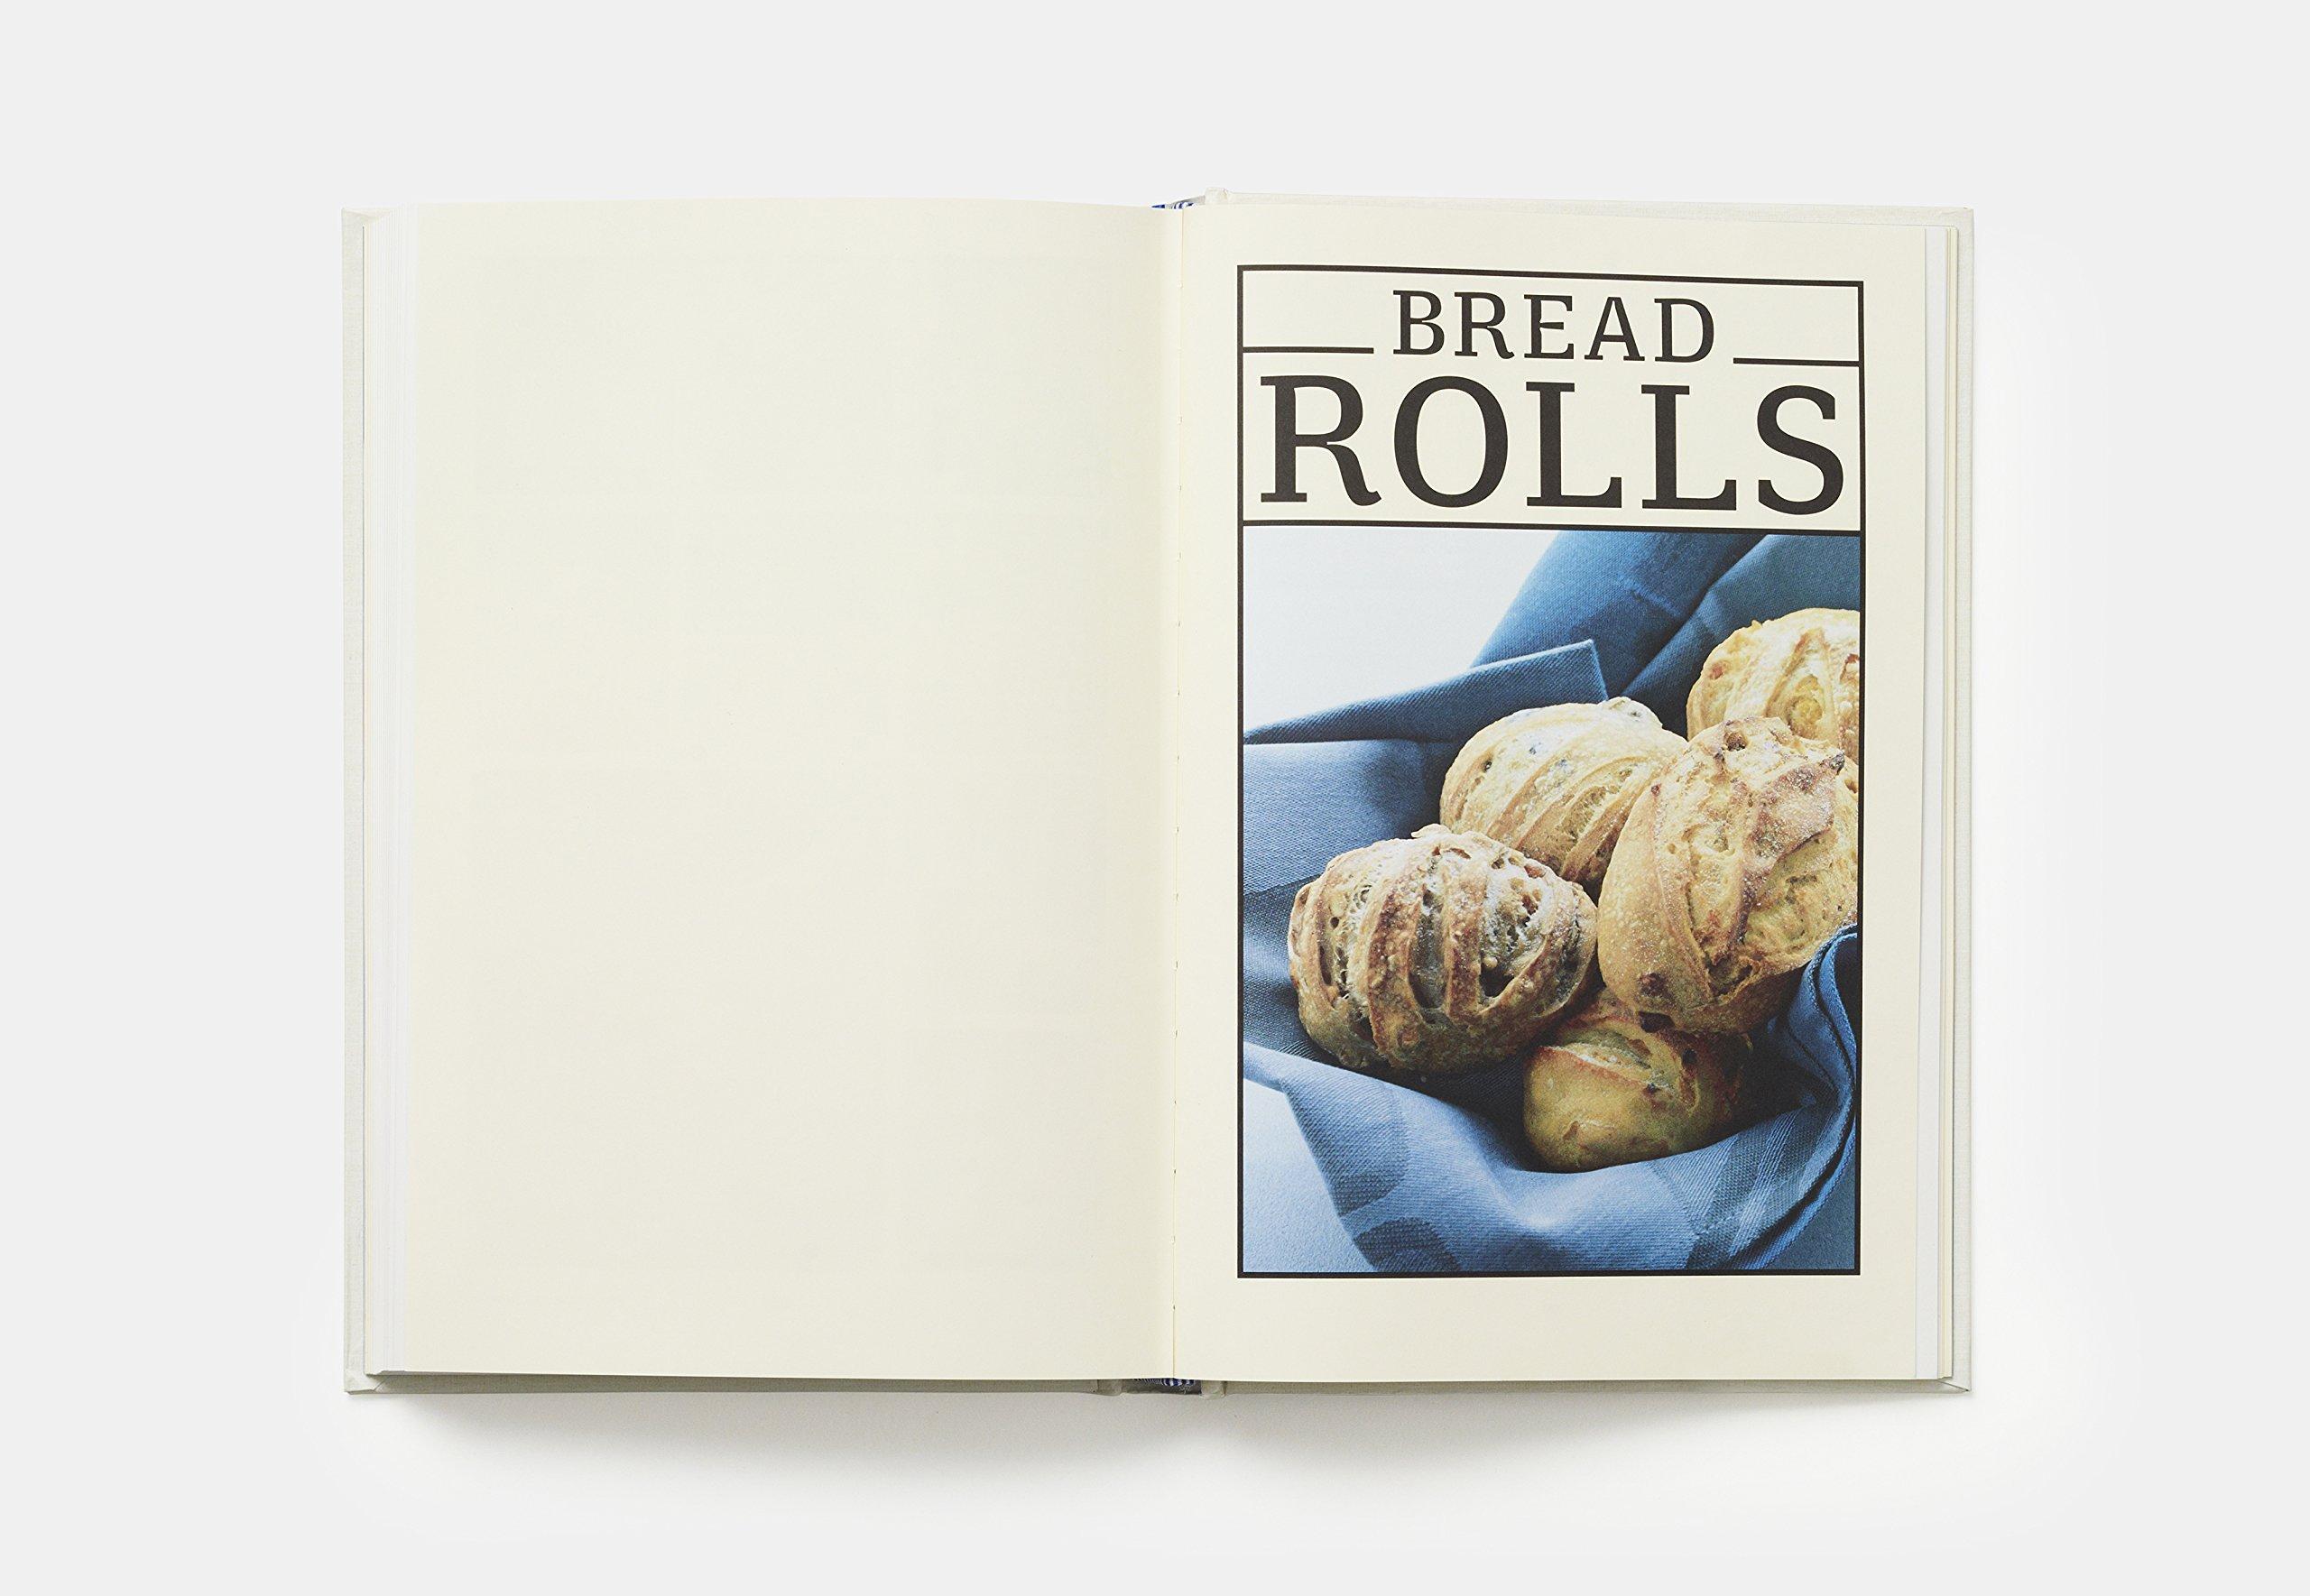 Recipes To Make At Home Cucina: Amazon.es: Éric Kayser: Libros en idiomas extranjeros